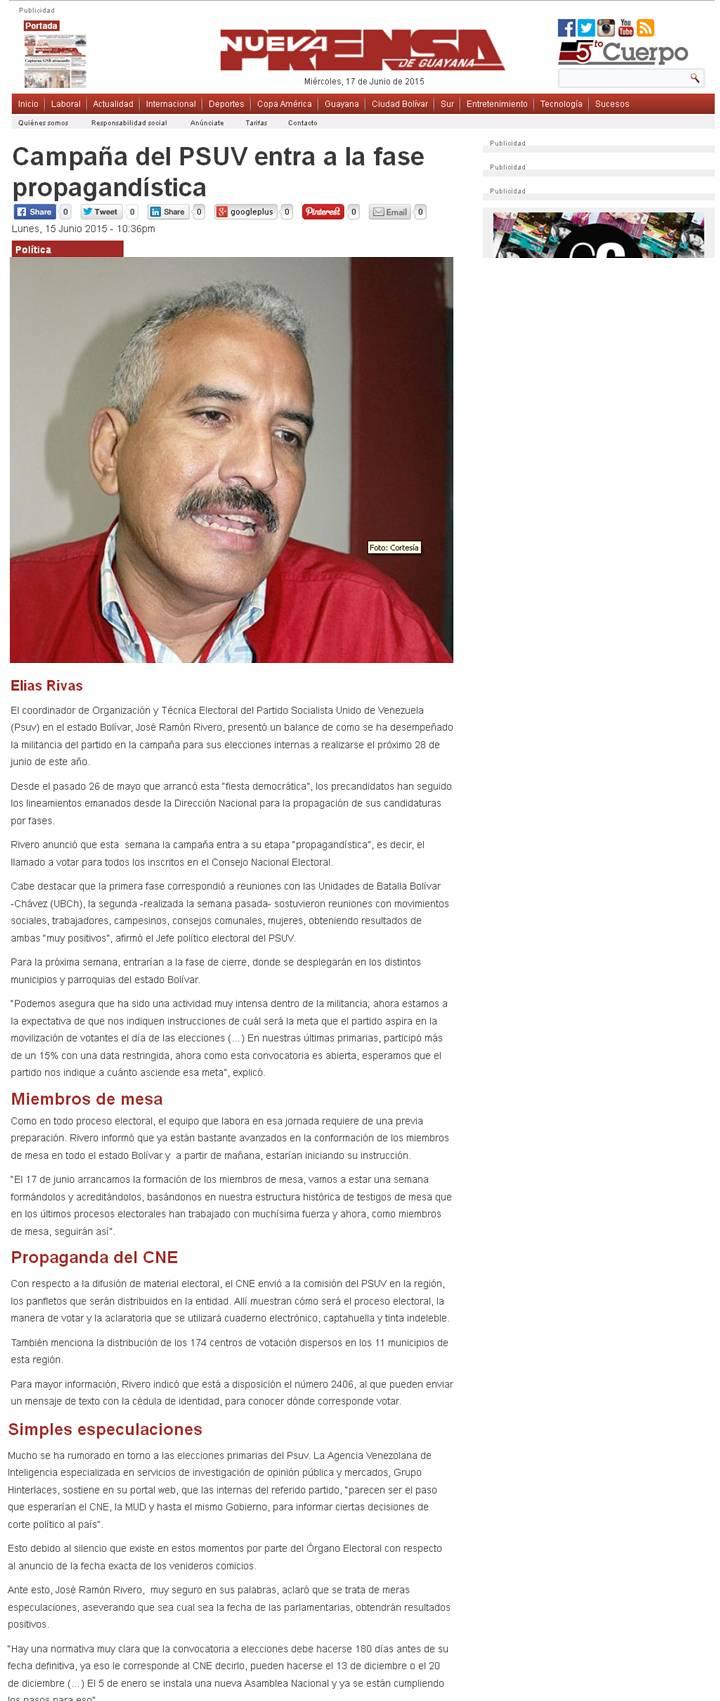 JRRivero_campaña psuv entra en la fase propagandistica _nueva prensa